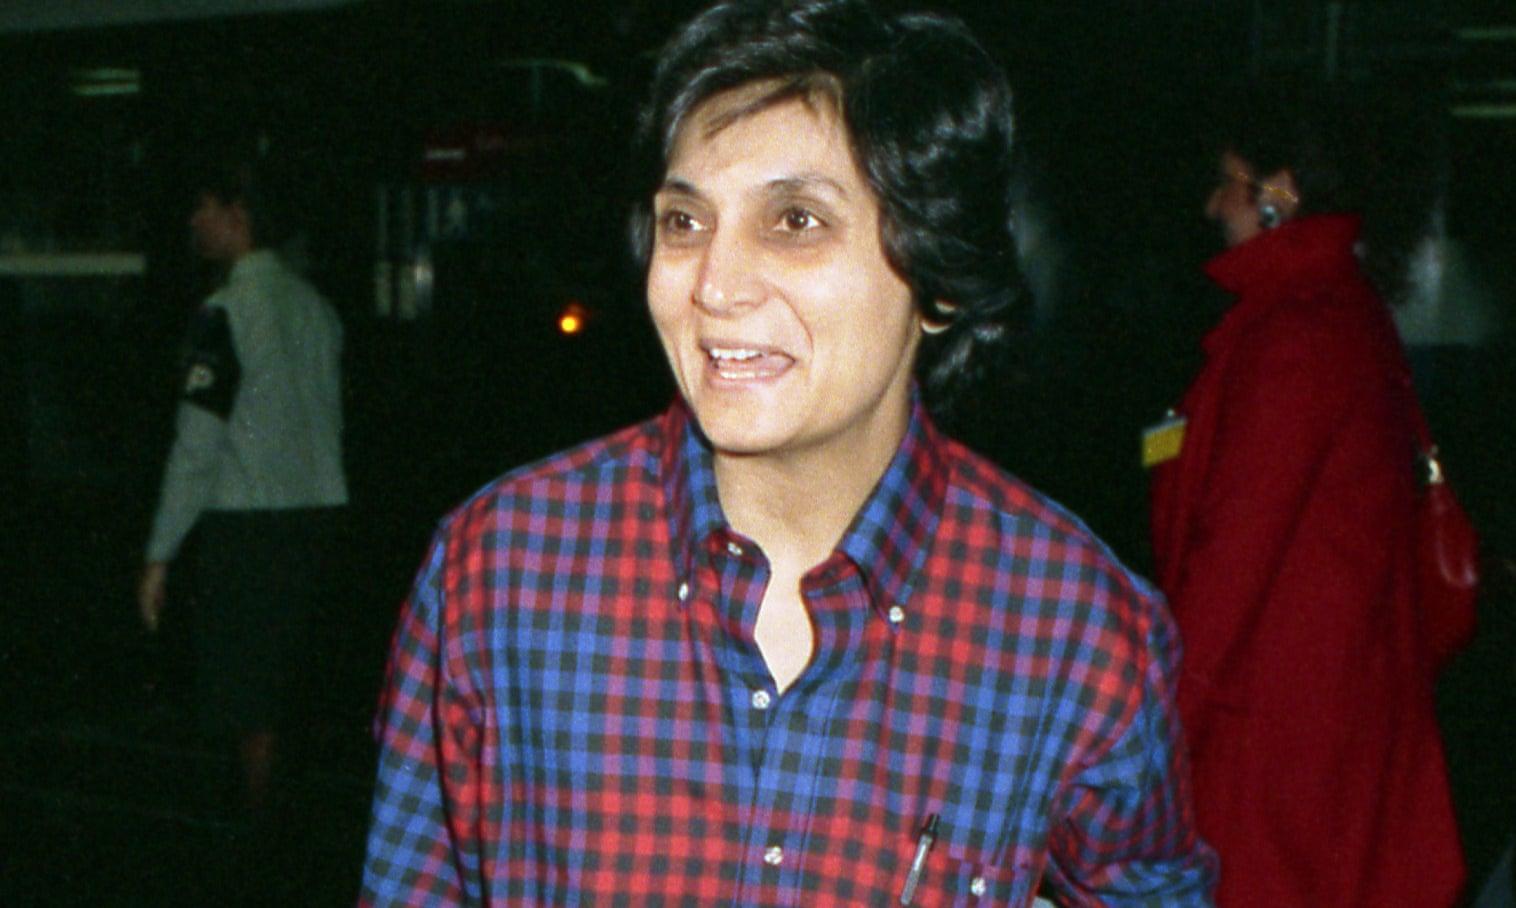 ما آناند شیلا، منشی شخصی سابق راجنیش به چهرهای کاریزماتیک برای فرقه تبدیل شد